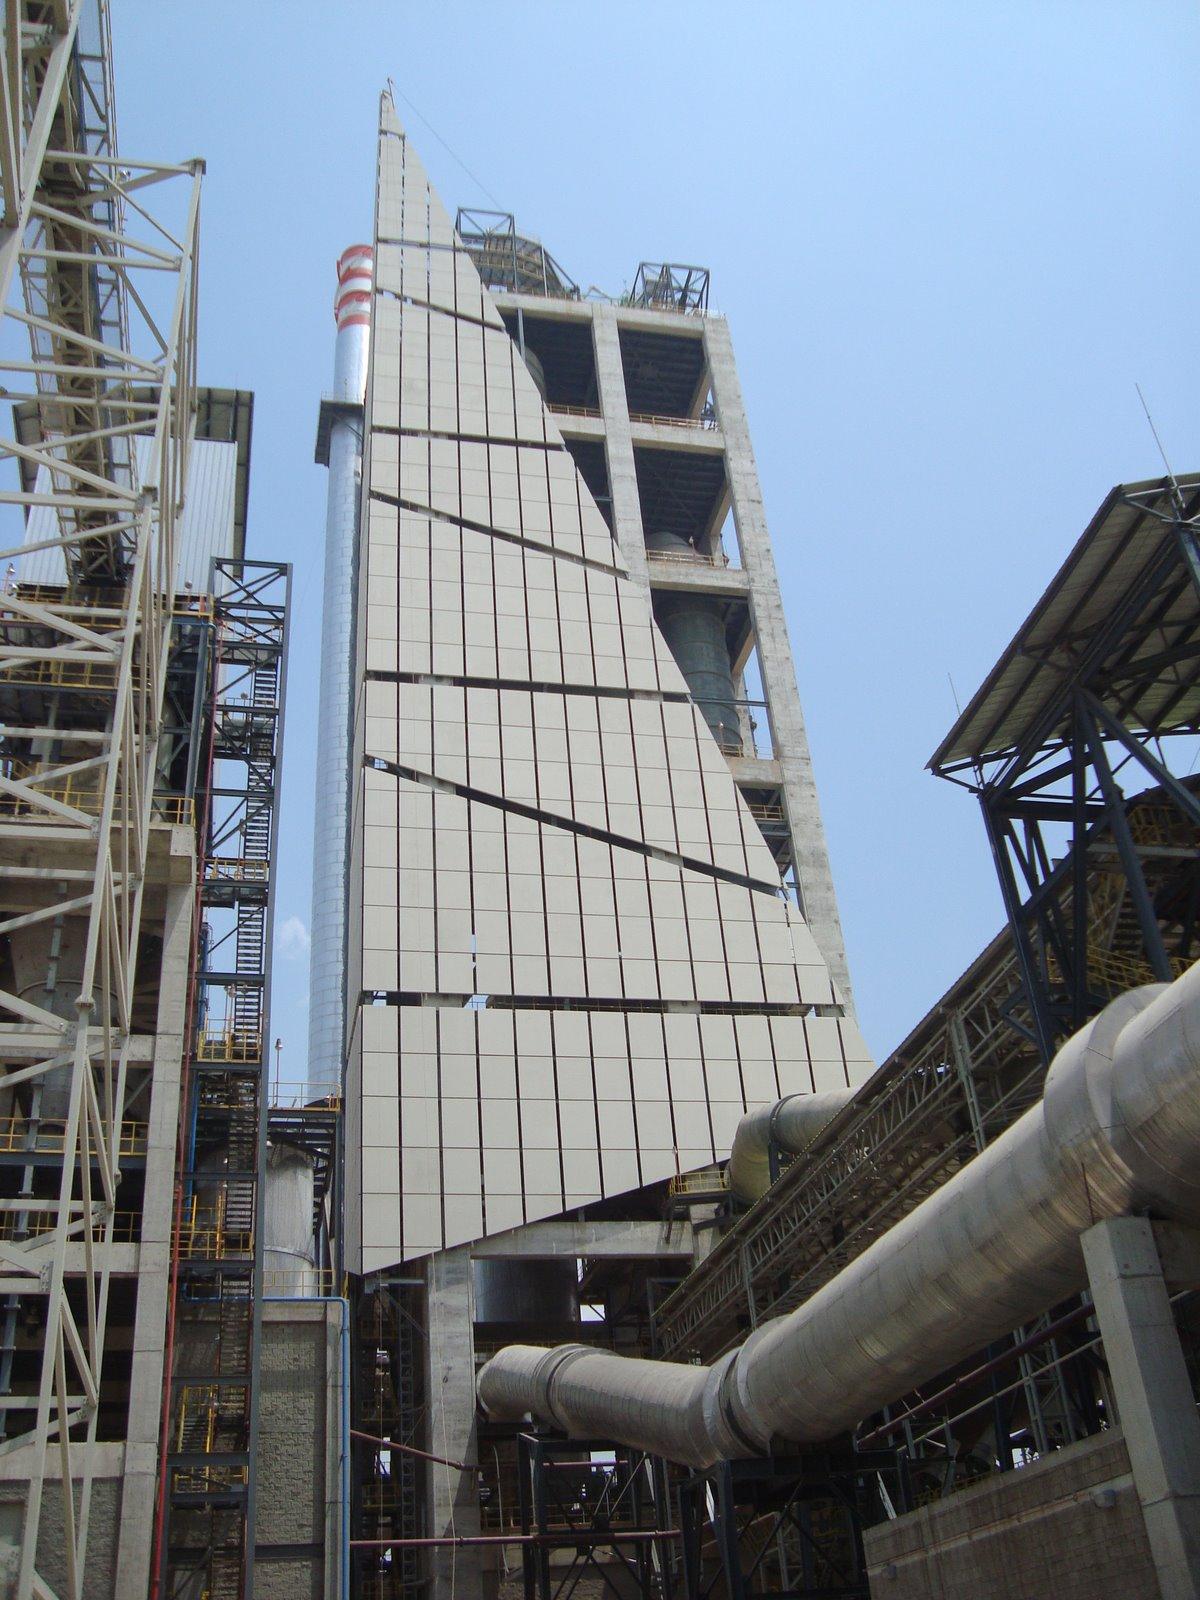 Grc Cladding Means What : Architectonic concrete s l gfrc studframe cladding for